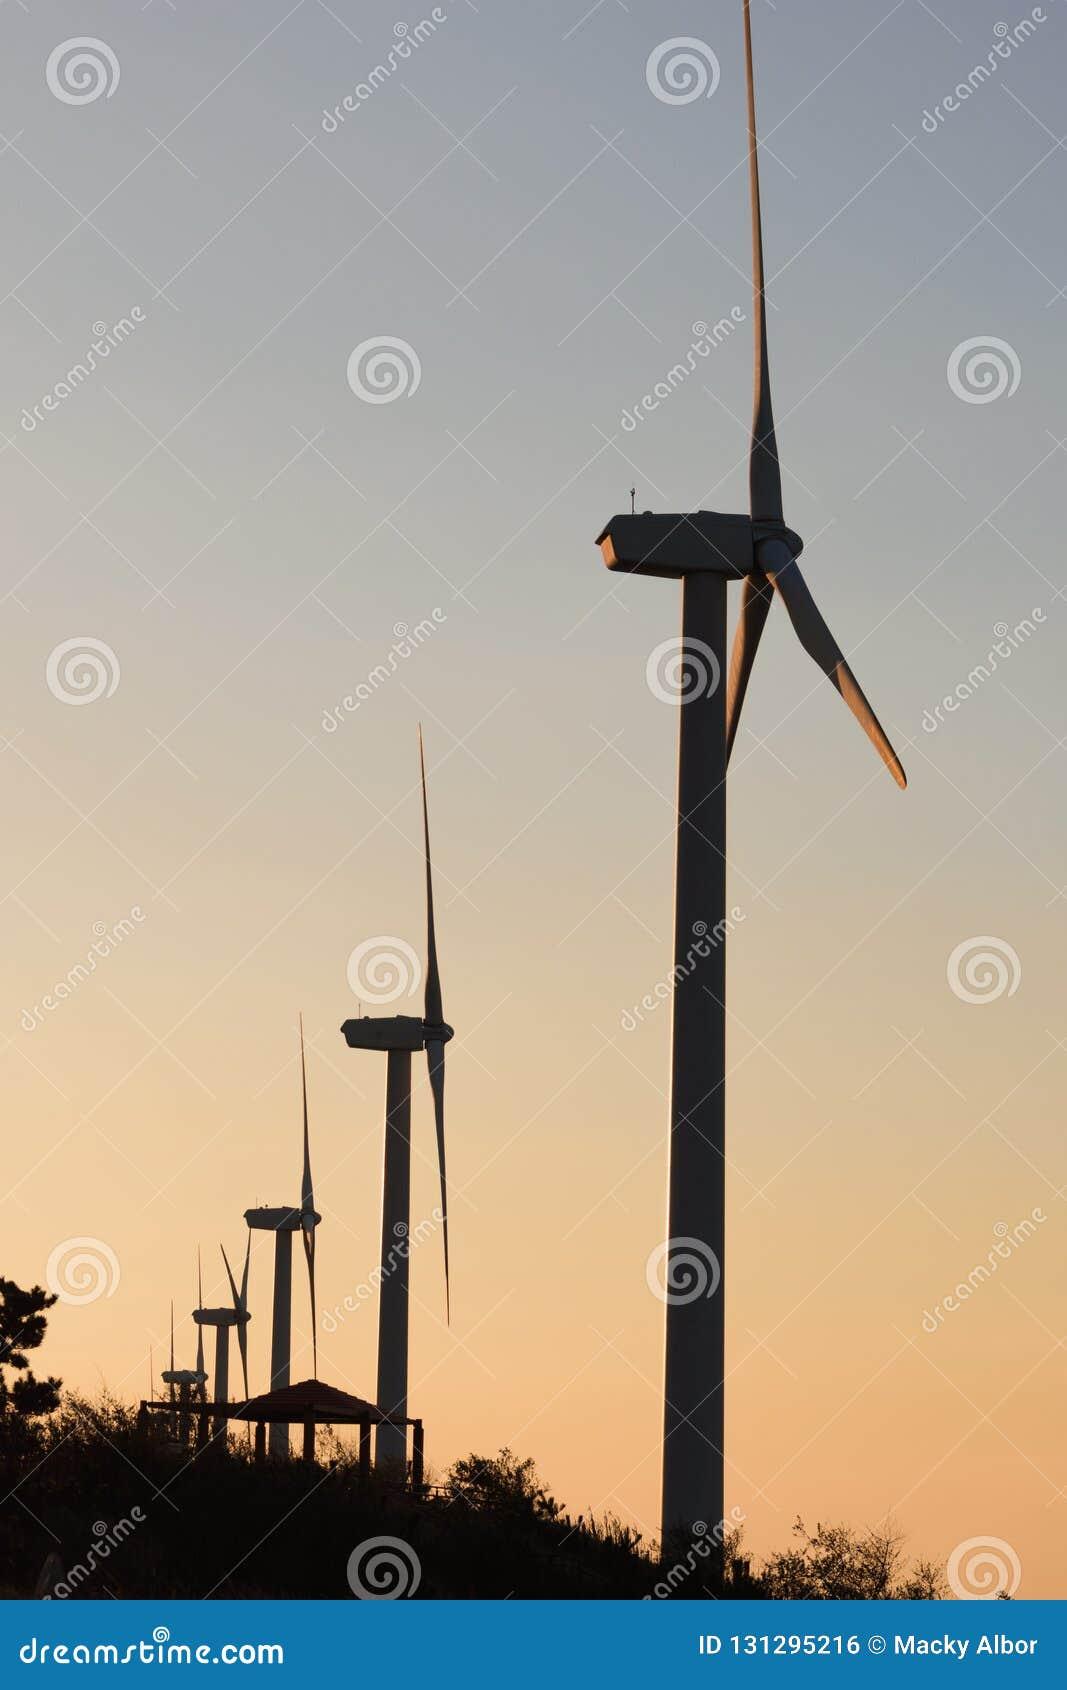 Windstromgenerator ausgerichtet bei der Dämmerung oder Sonnenuntergang, die Schattenbildeffekt machen